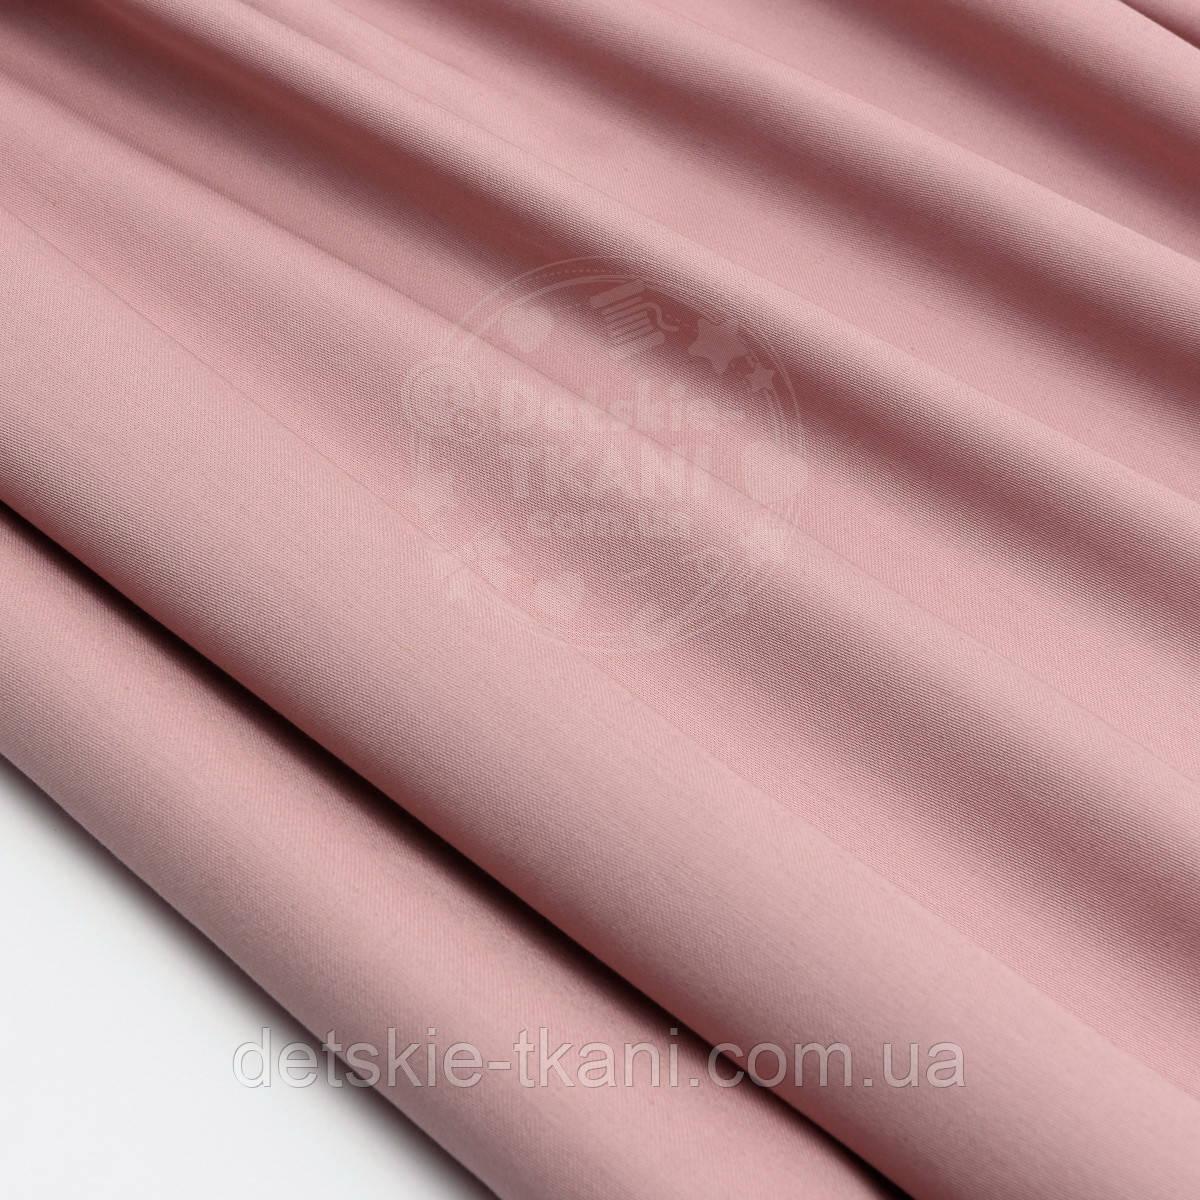 Сатин премиум, цвет тёмная пыльная роза, ширина 240 см (№1535)